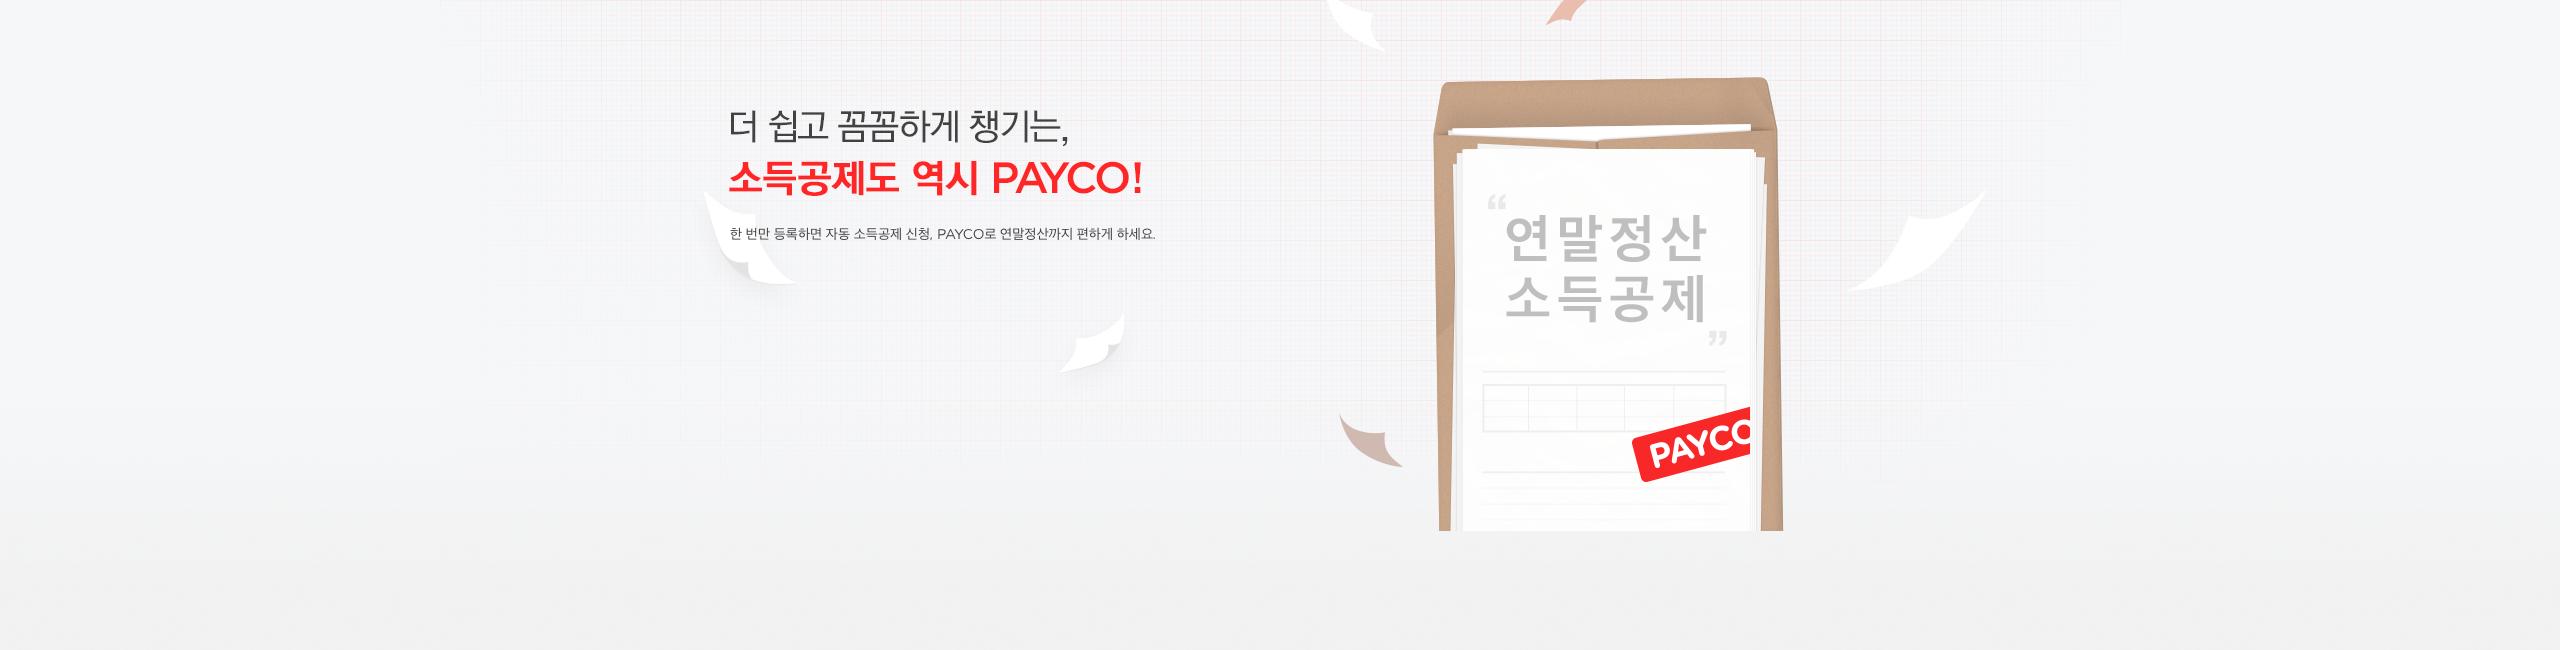 3월 PAYCO 포인트 적립